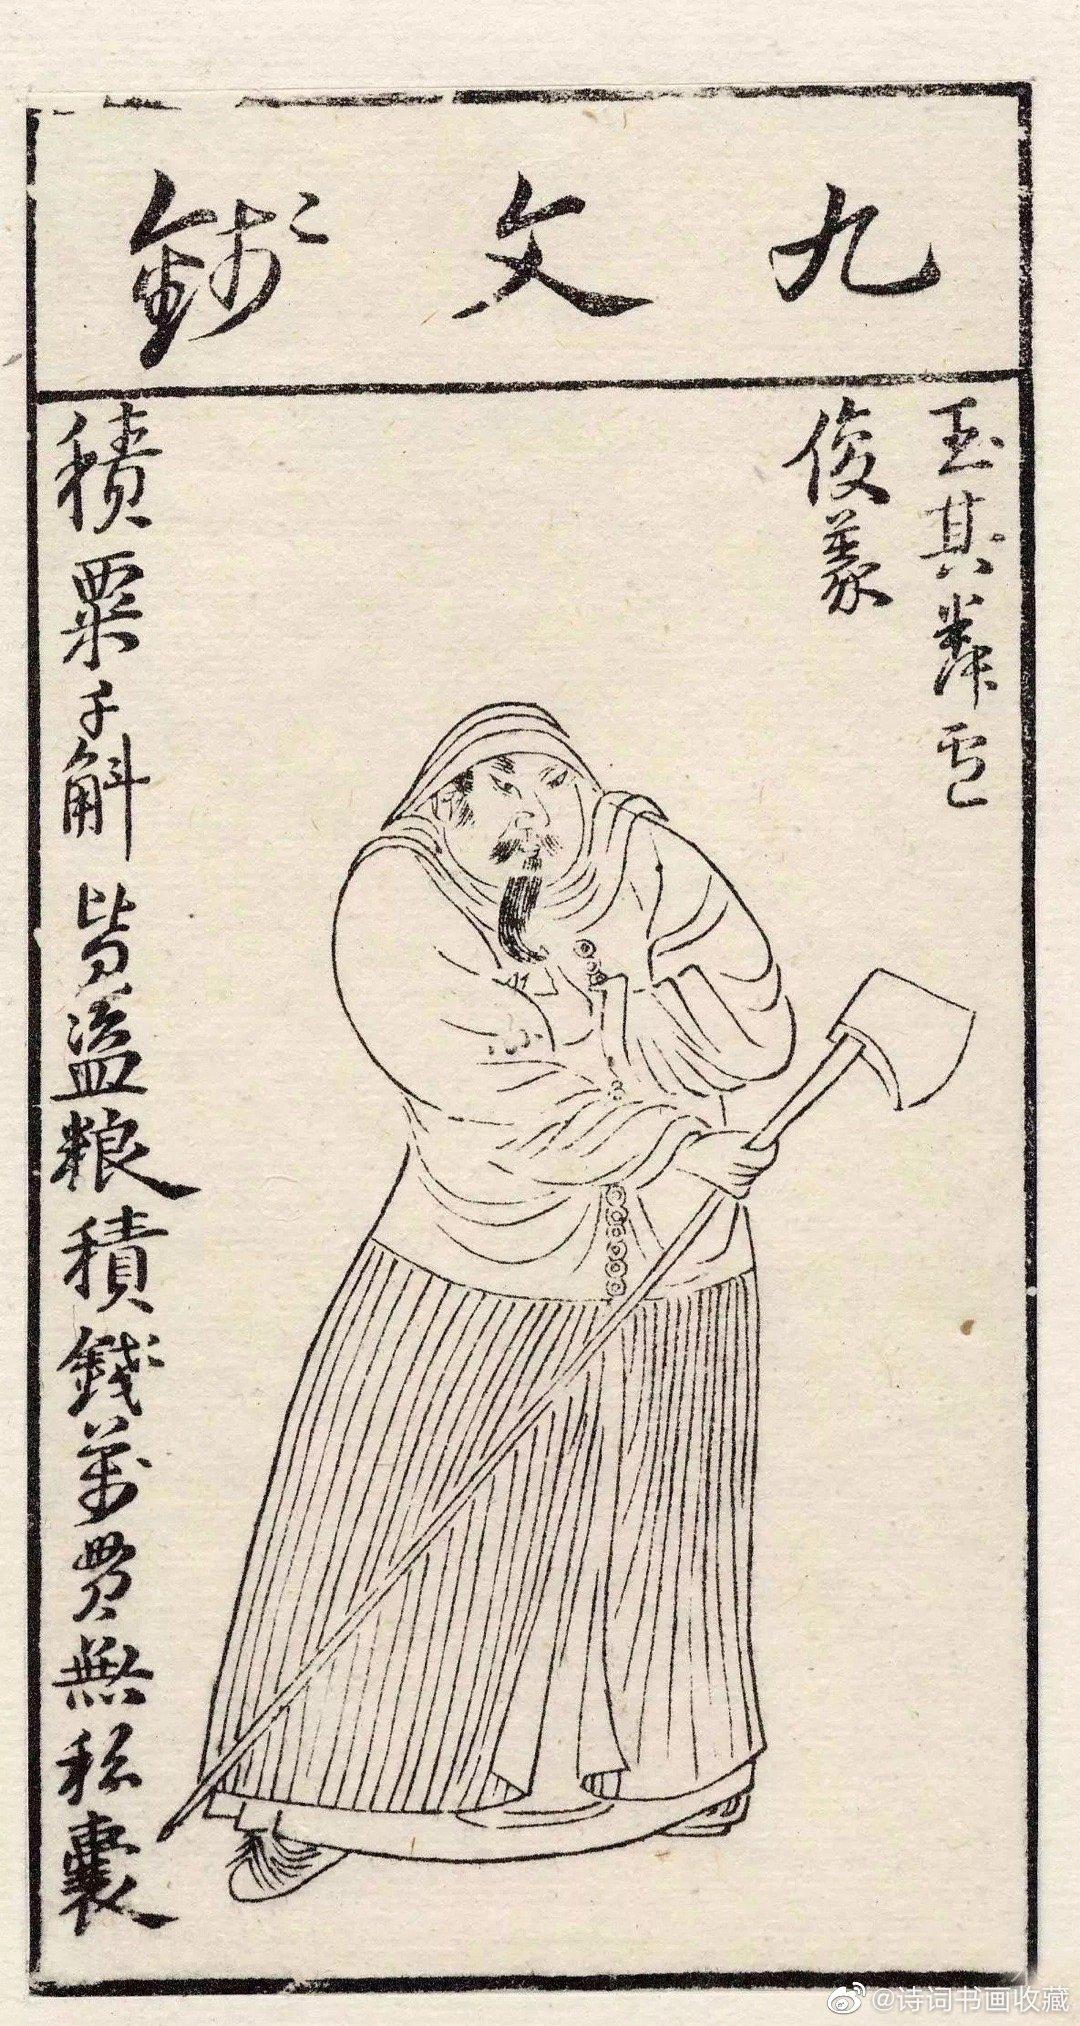 陈洪绶版画《水浒叶子》